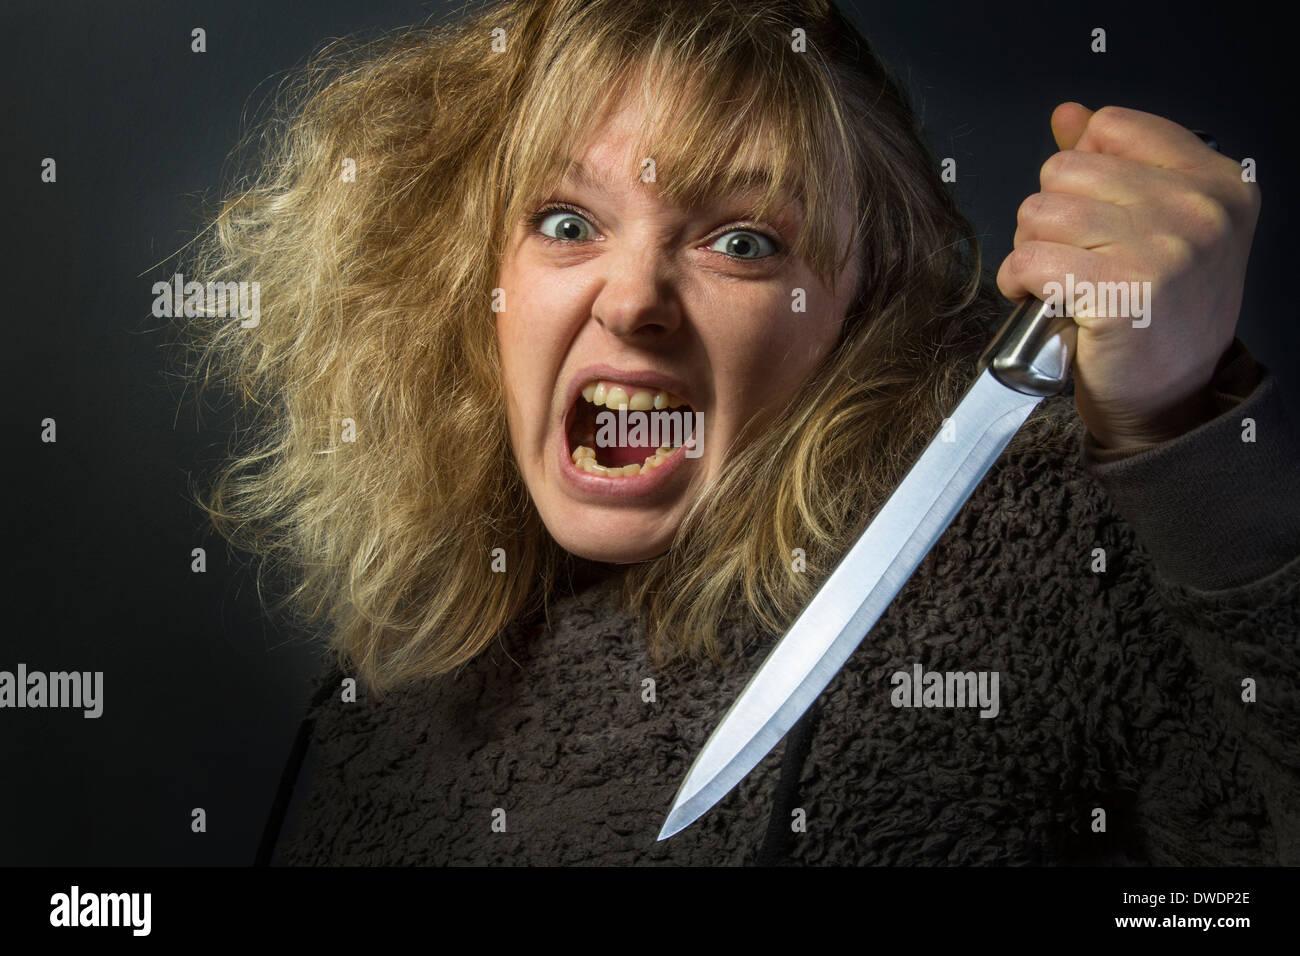 Psychotischen junge Frau - häusliche Gewalt Stockbild